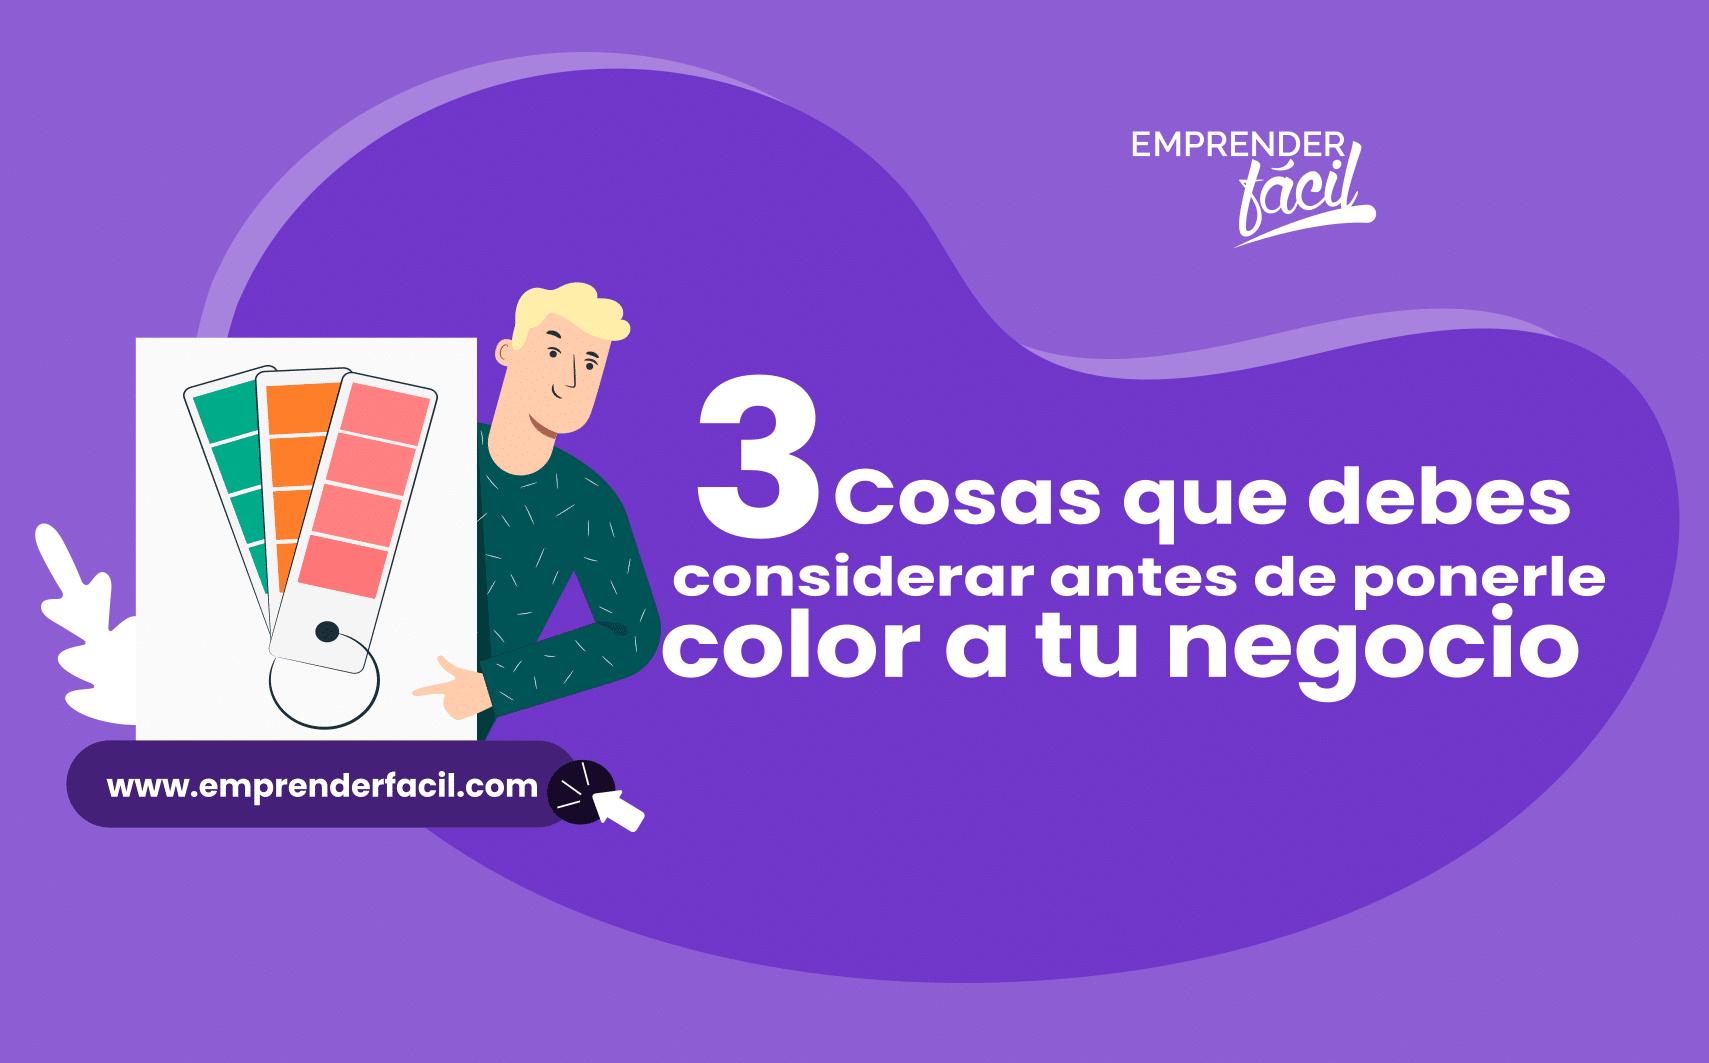 Recomendaciones sobre el color de tu negocio